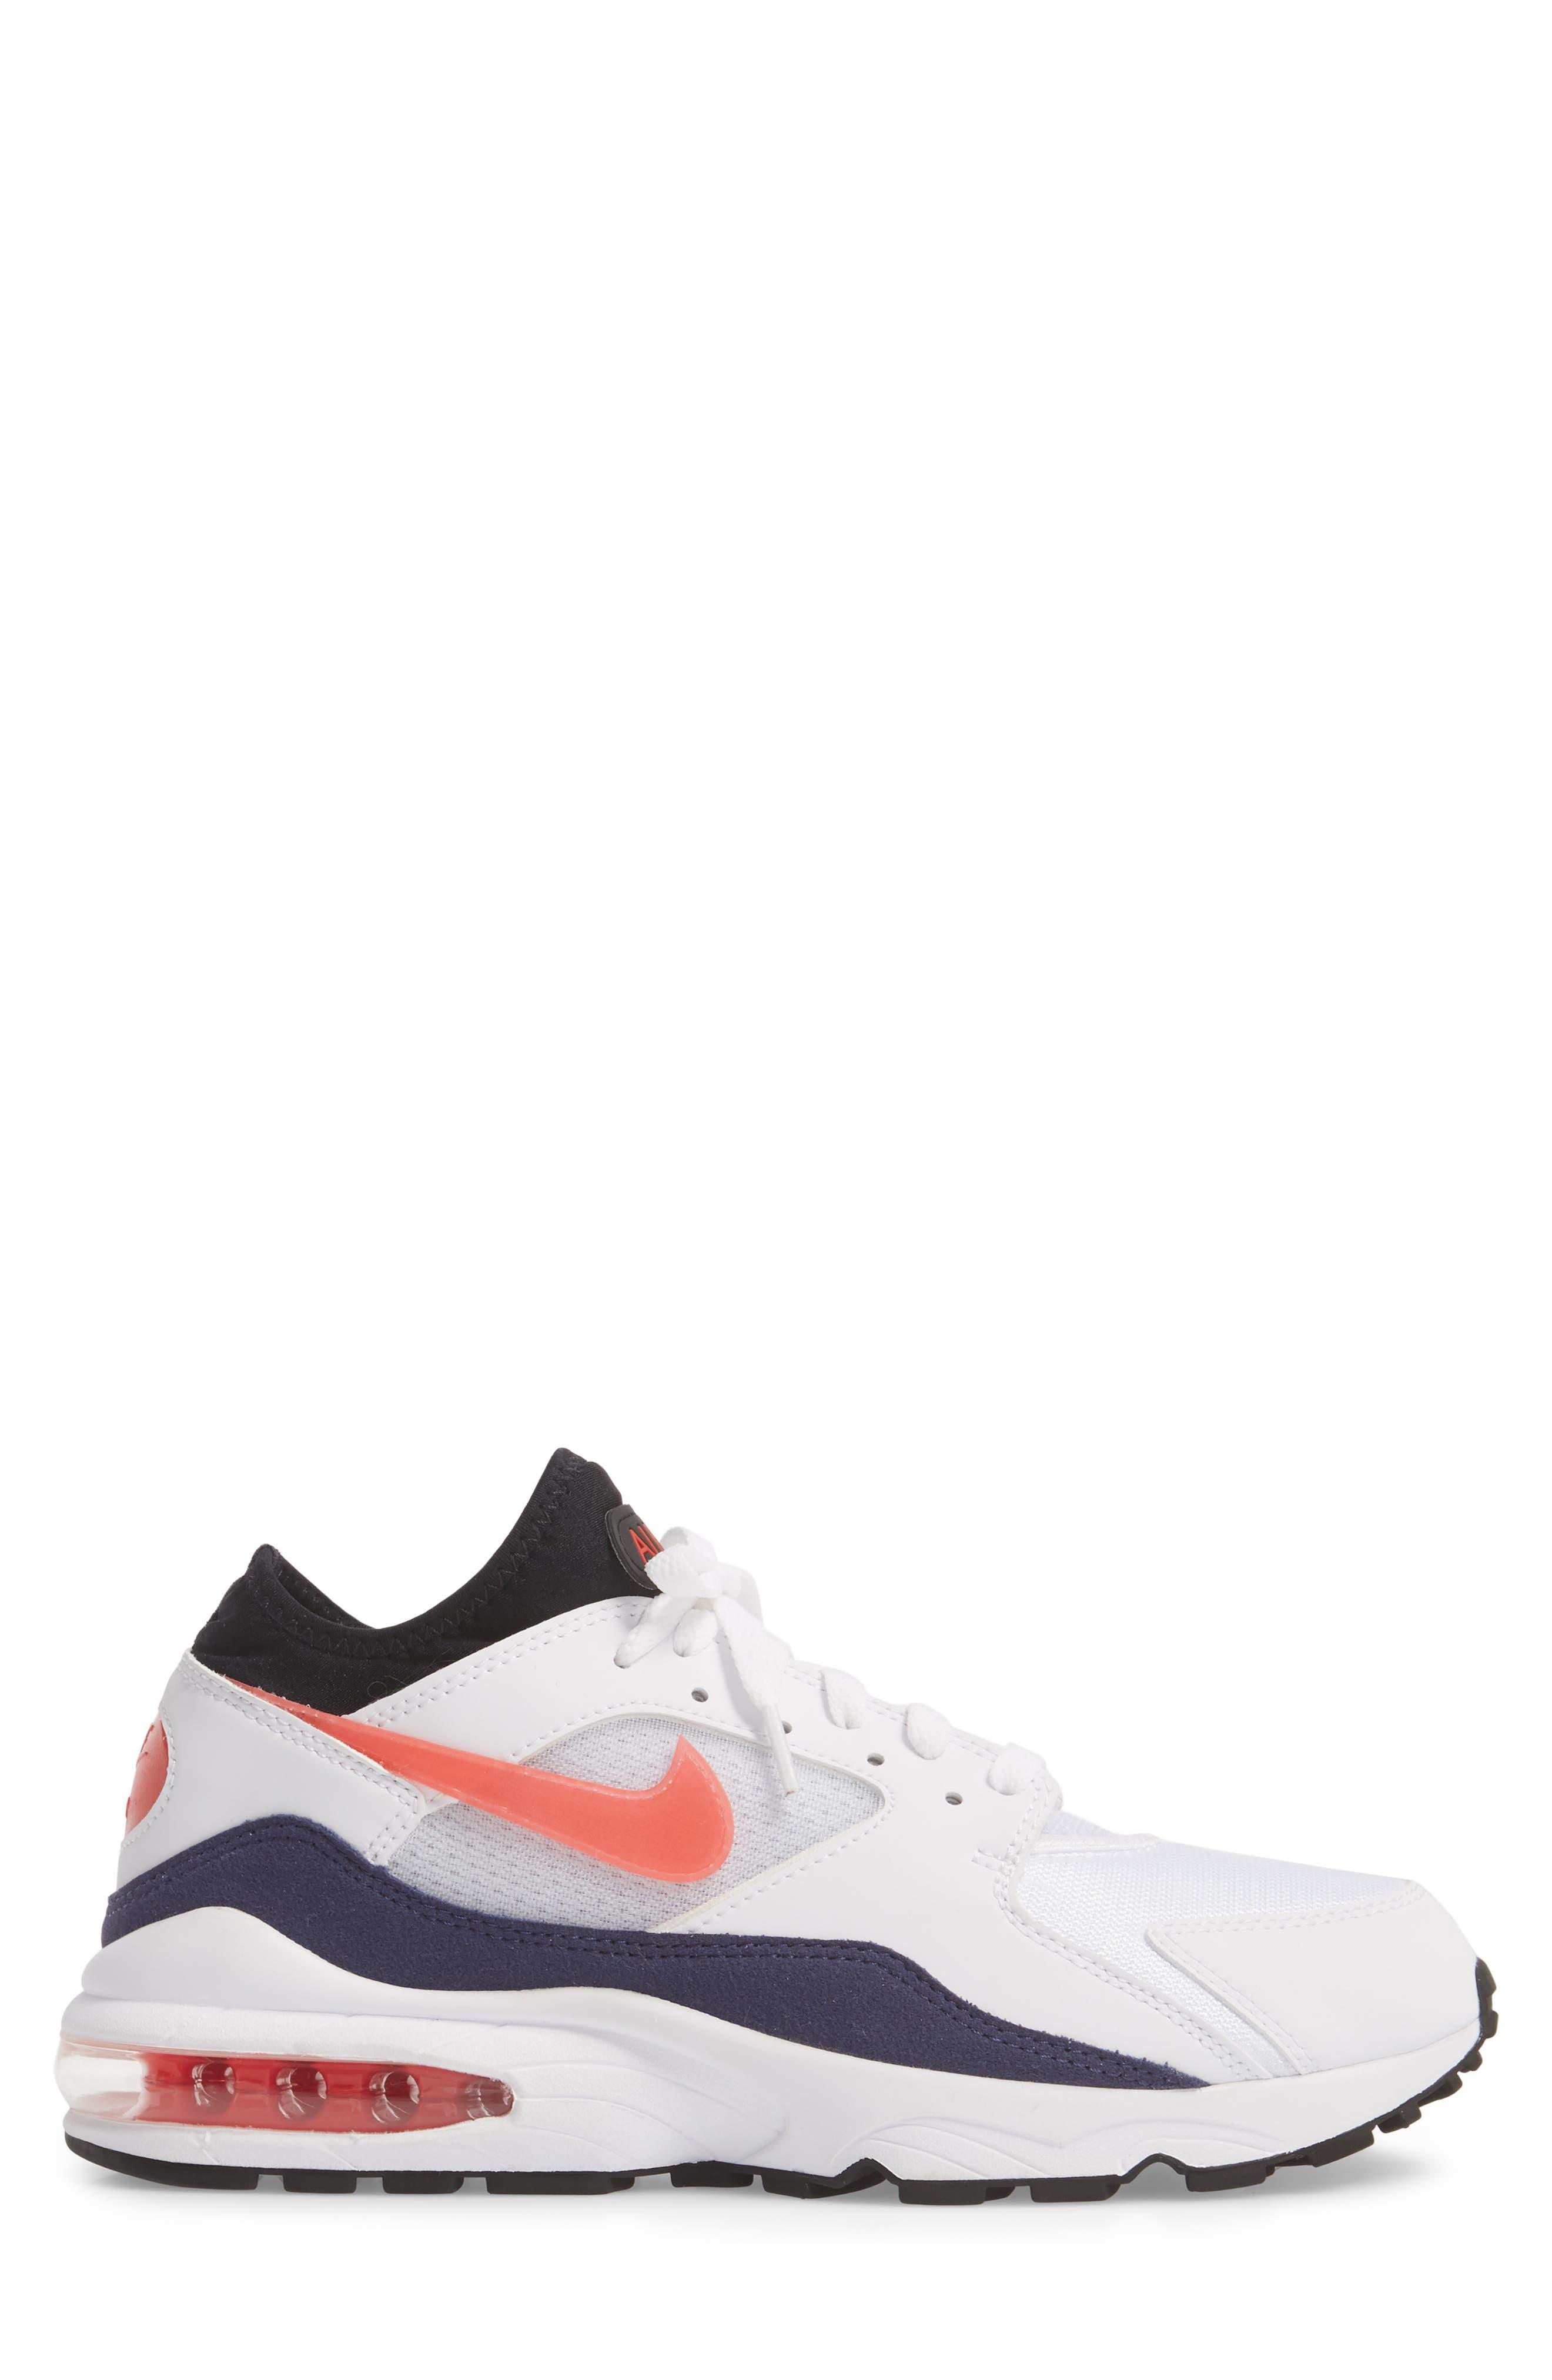 NIKE,                             Air Max 93 Sneaker,                             Alternate thumbnail 3, color,                             102